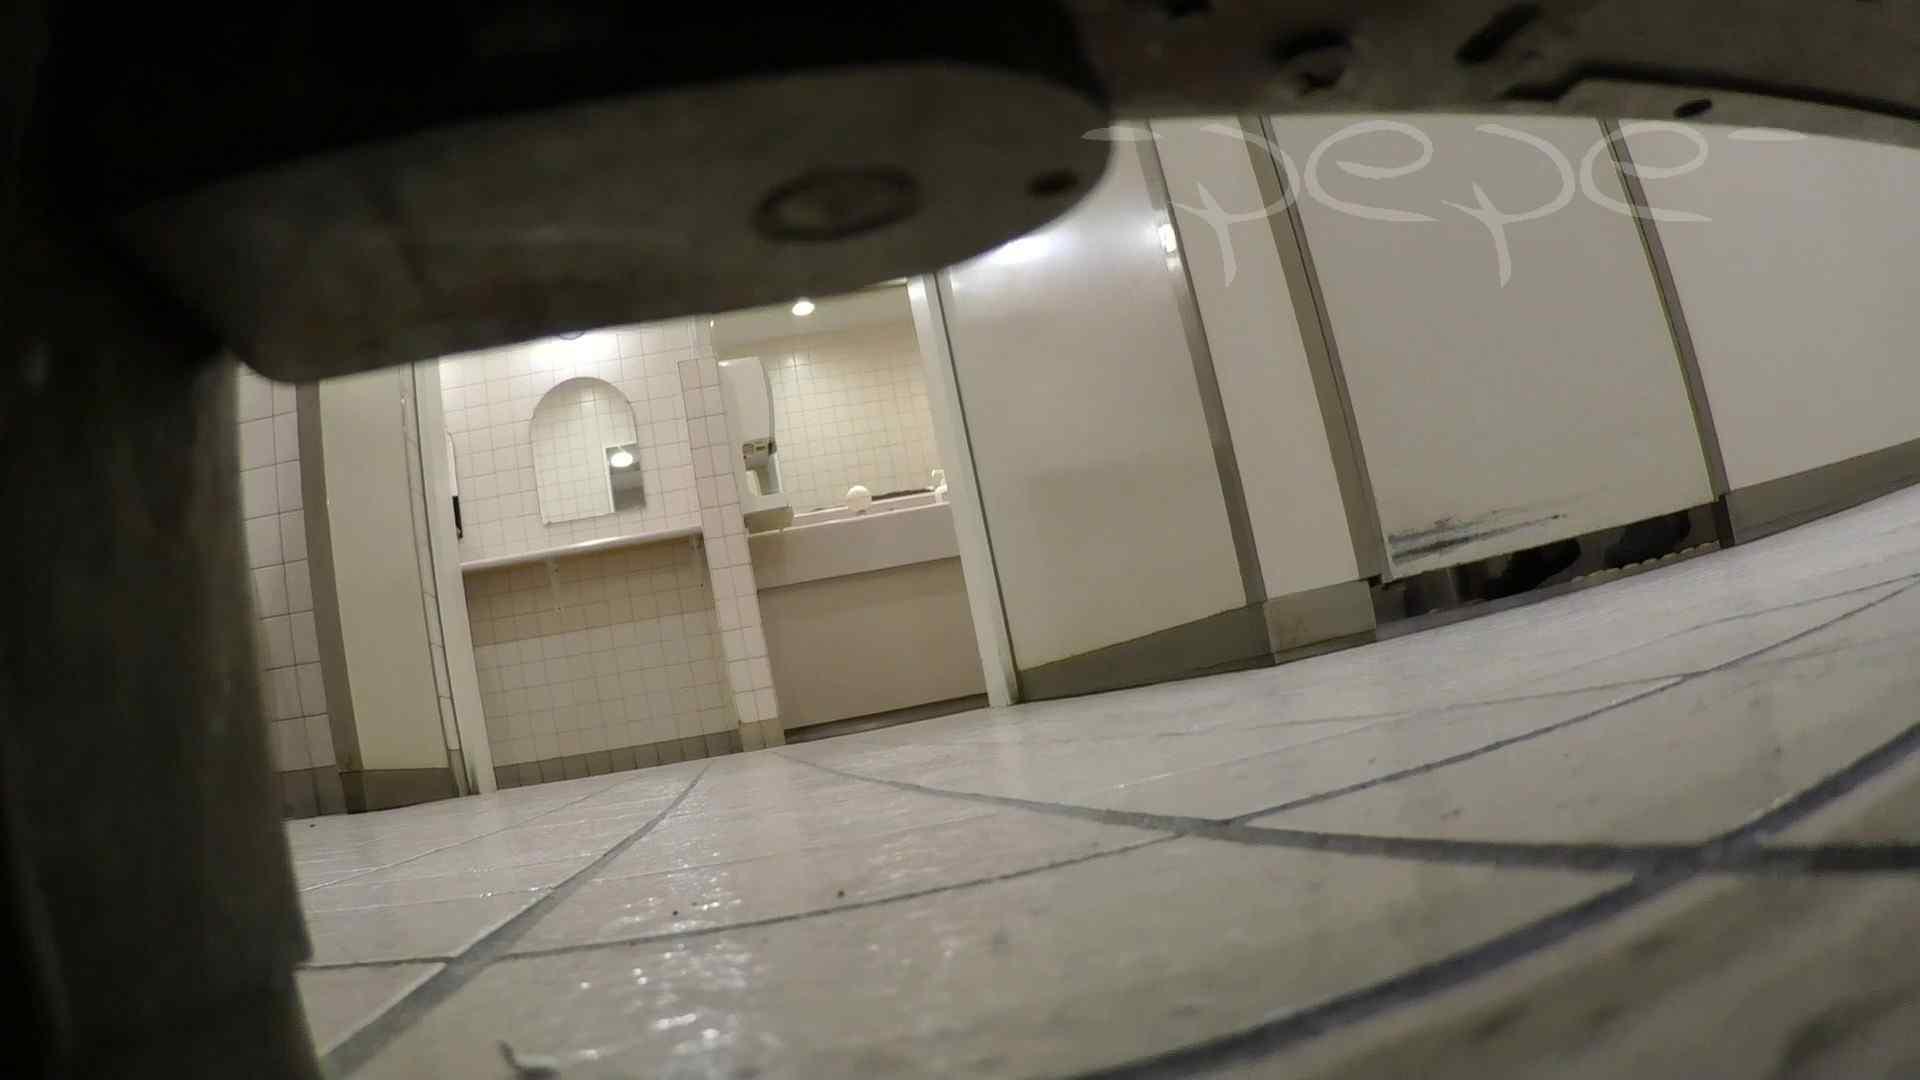 至高洗面所盗撮 29 至高店内撮り 見せますpepeの技!! 高画質動画 | 洗面所シーン  100画像 22